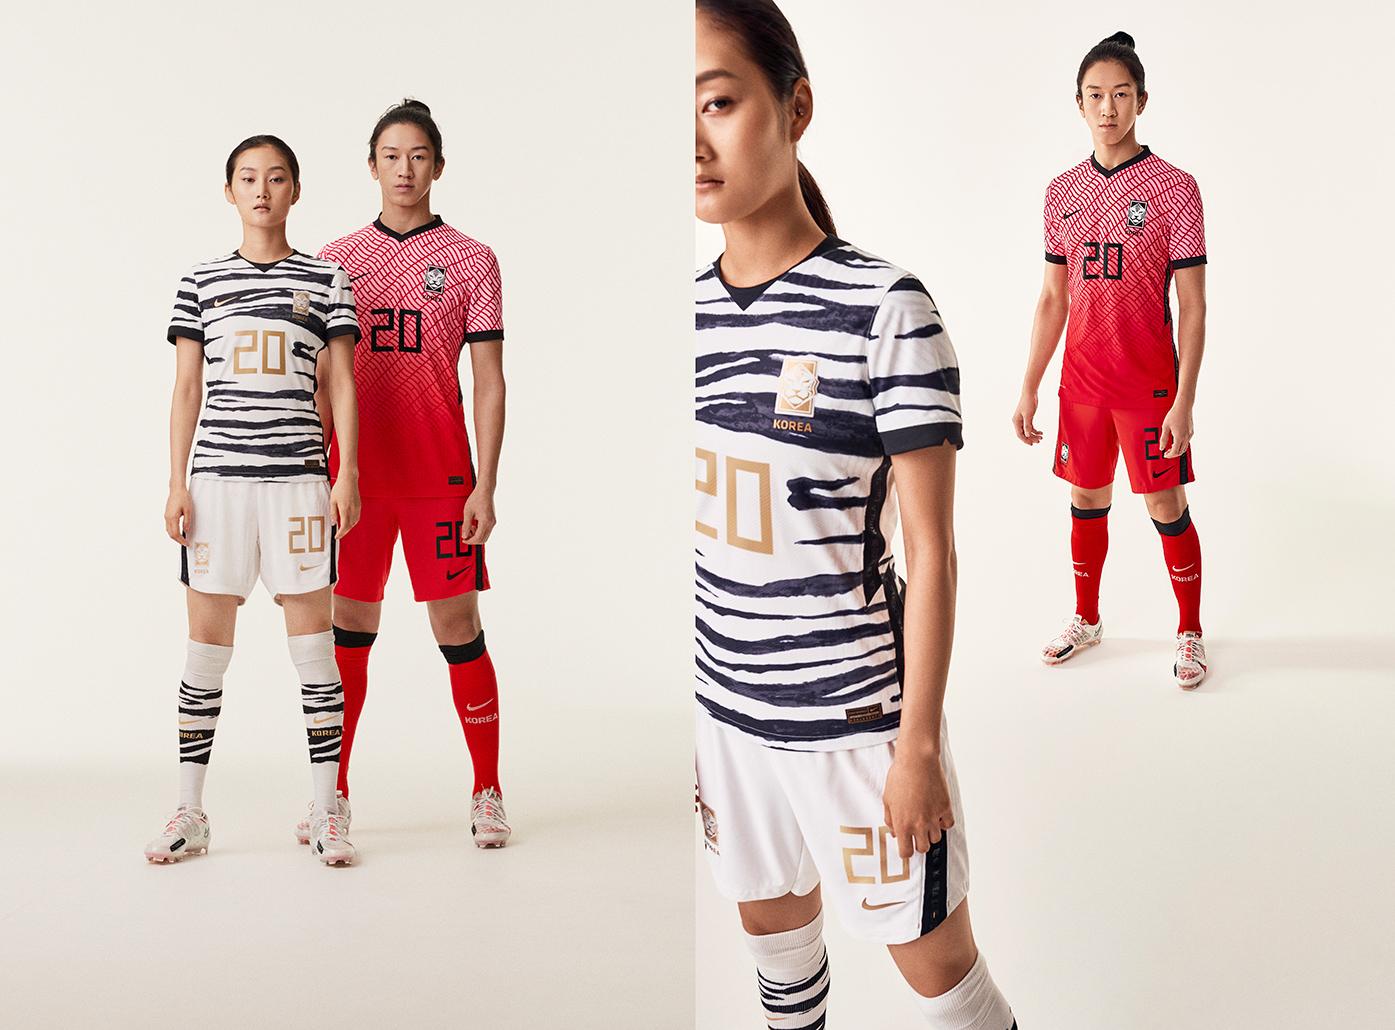 나이키가 6일 발표한 한국축구대표팀 홈과 원정 유니폼. 한류와 백호를 재해석해서 담았다. [사진 나이키]